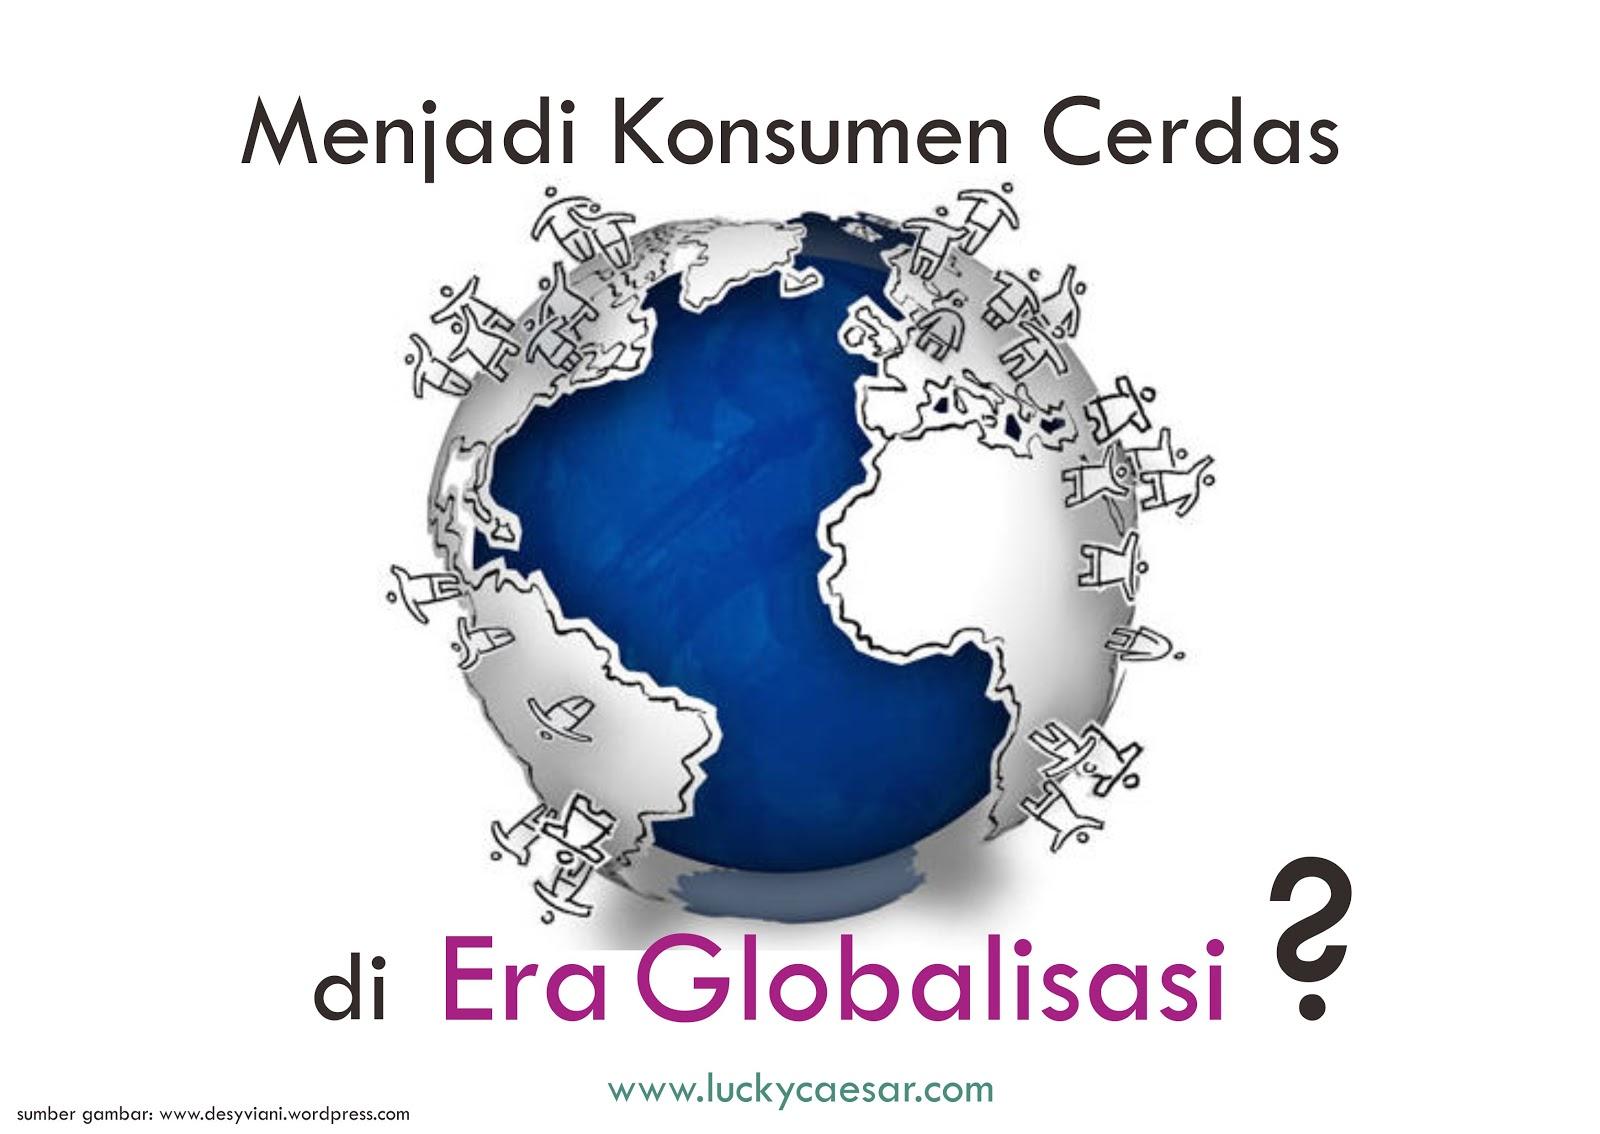 Menjadi_Konsumen_Cerdas_Era_Globalisasi.jpg